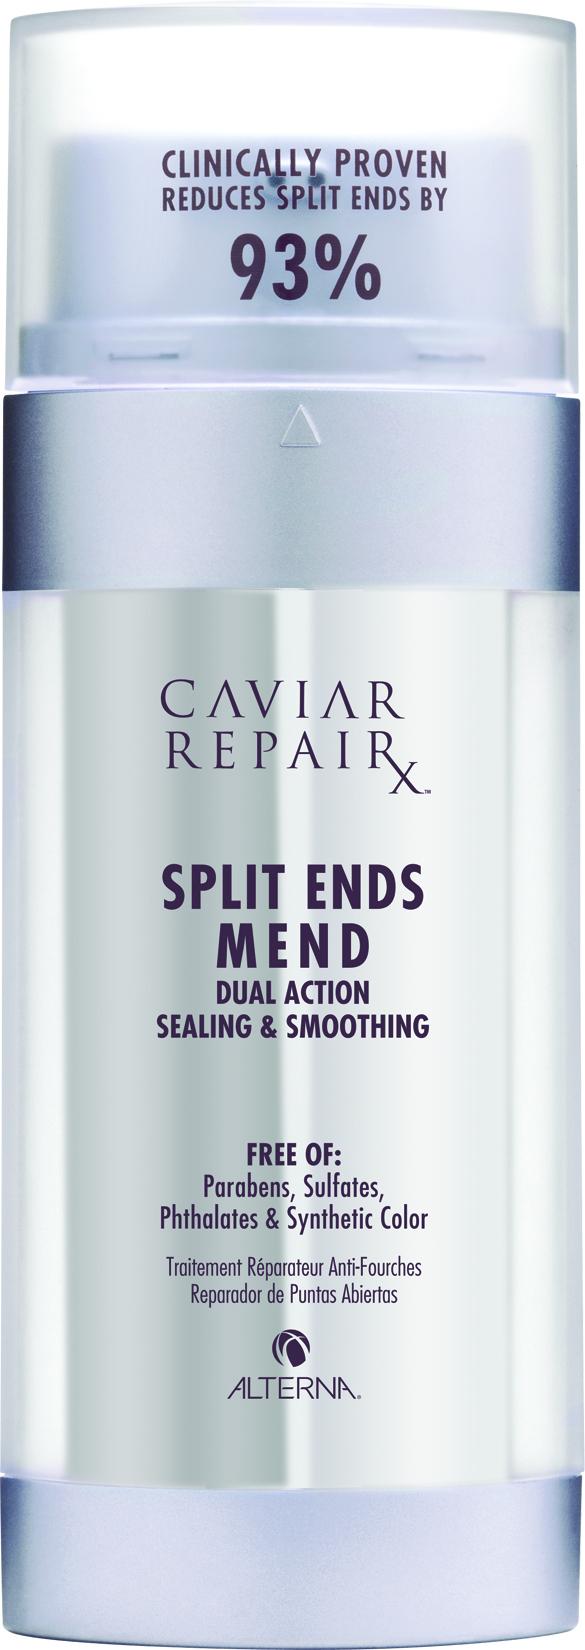 ALTERNA Сыворотка двухфазная, восстановление секущихся кончиков волос / RepairX Split Ends Mend CAVIAR 30 мл